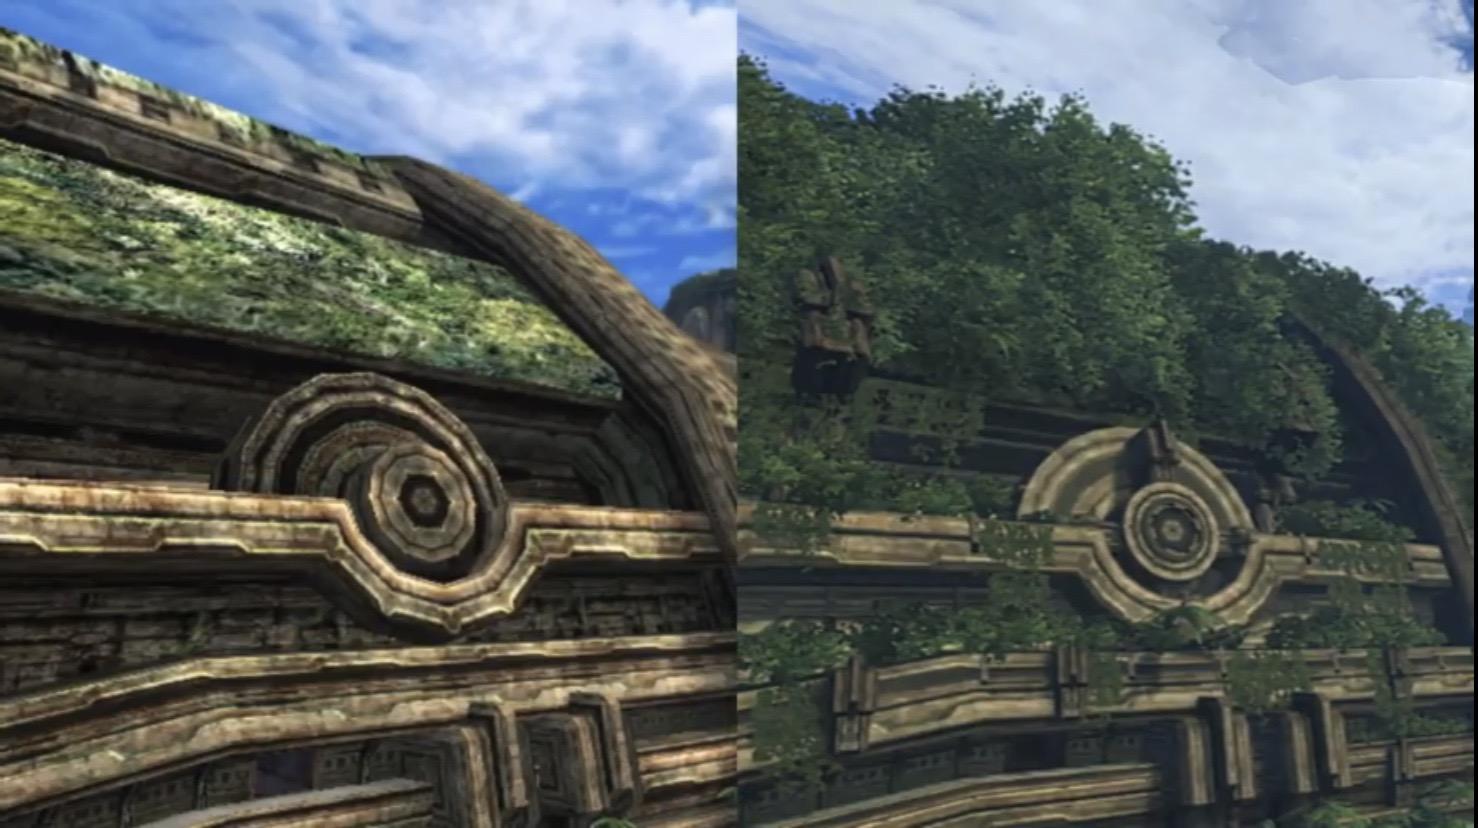 2Qbs77J - 【朗報】ゼノブレイドDE、正確な画像比較によりフィールドも全面的に作り直されていたと判明する